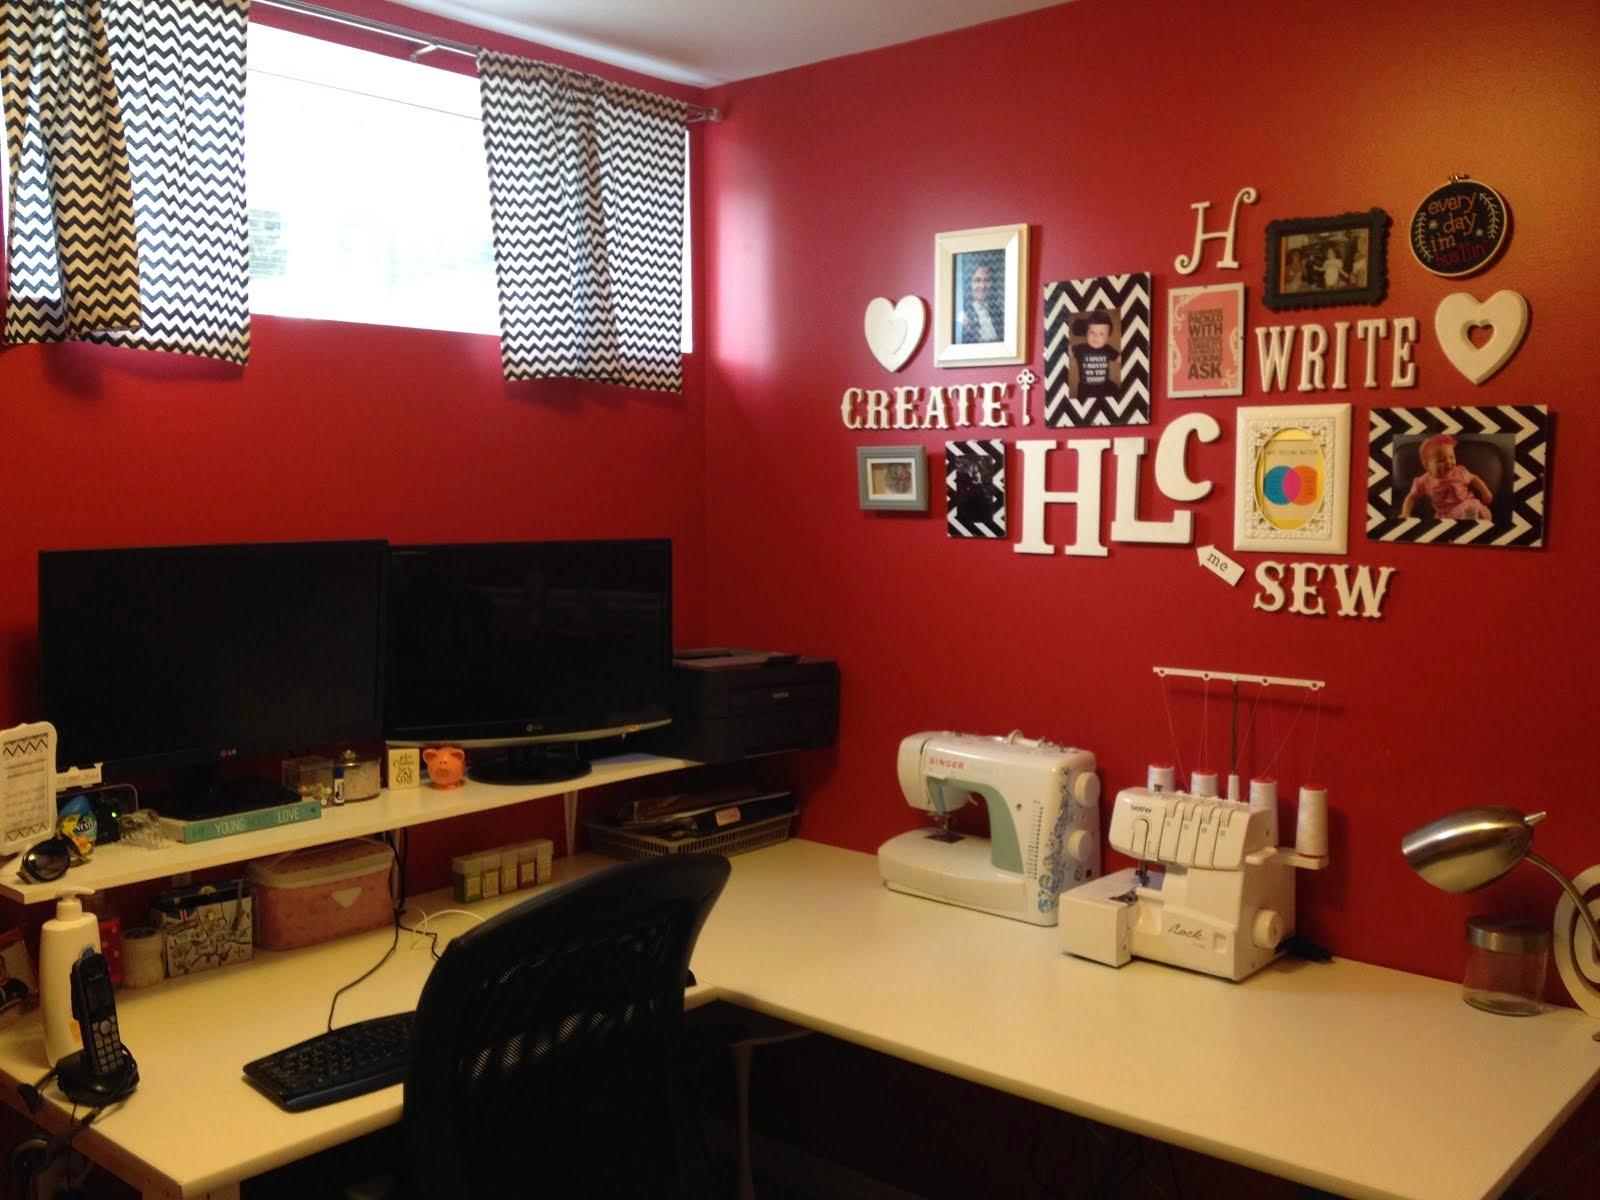 My office / craft room